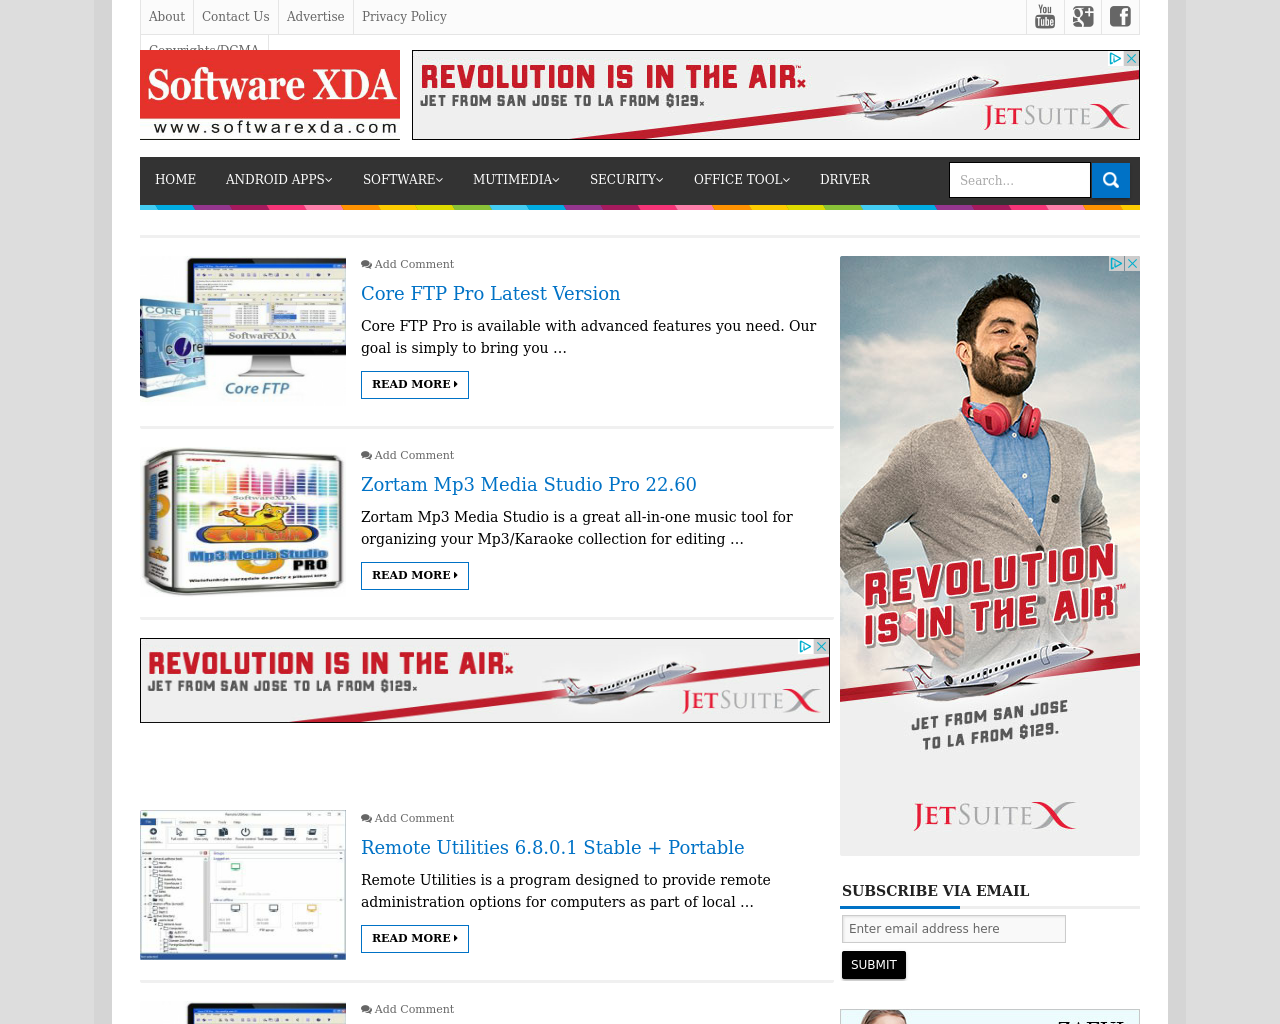 SoftwareXDA-Advertising-Reviews-Pricing